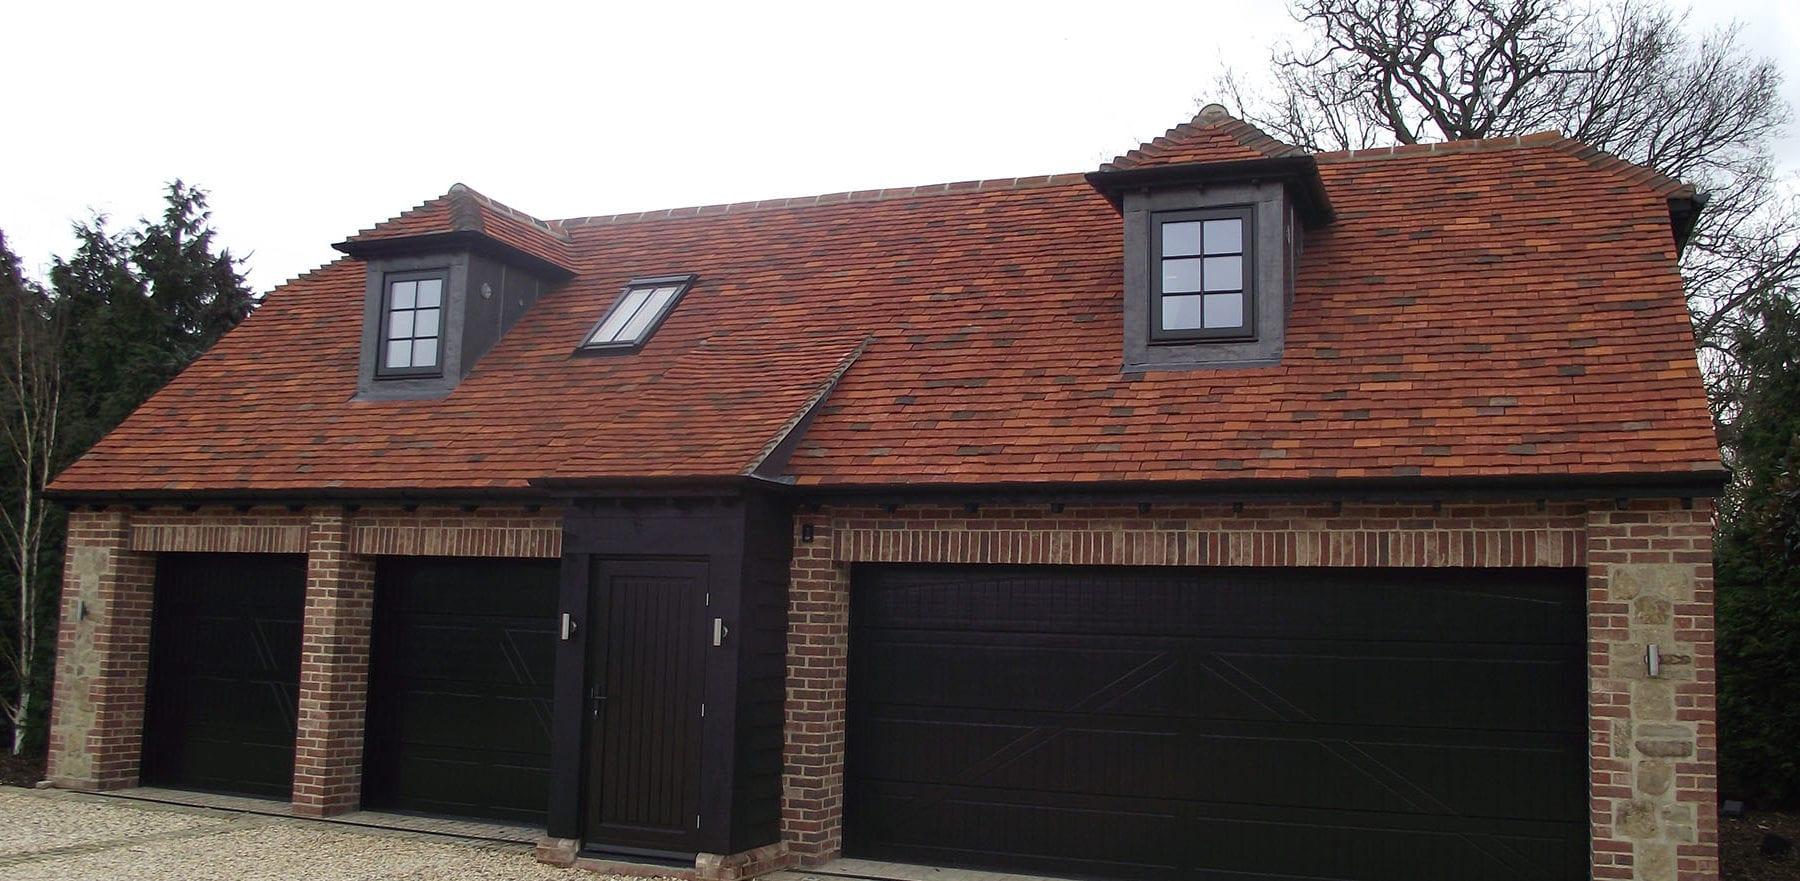 Lifestiles - Handmade Multi Clay Roof Tiles - Fernhurst, England 7